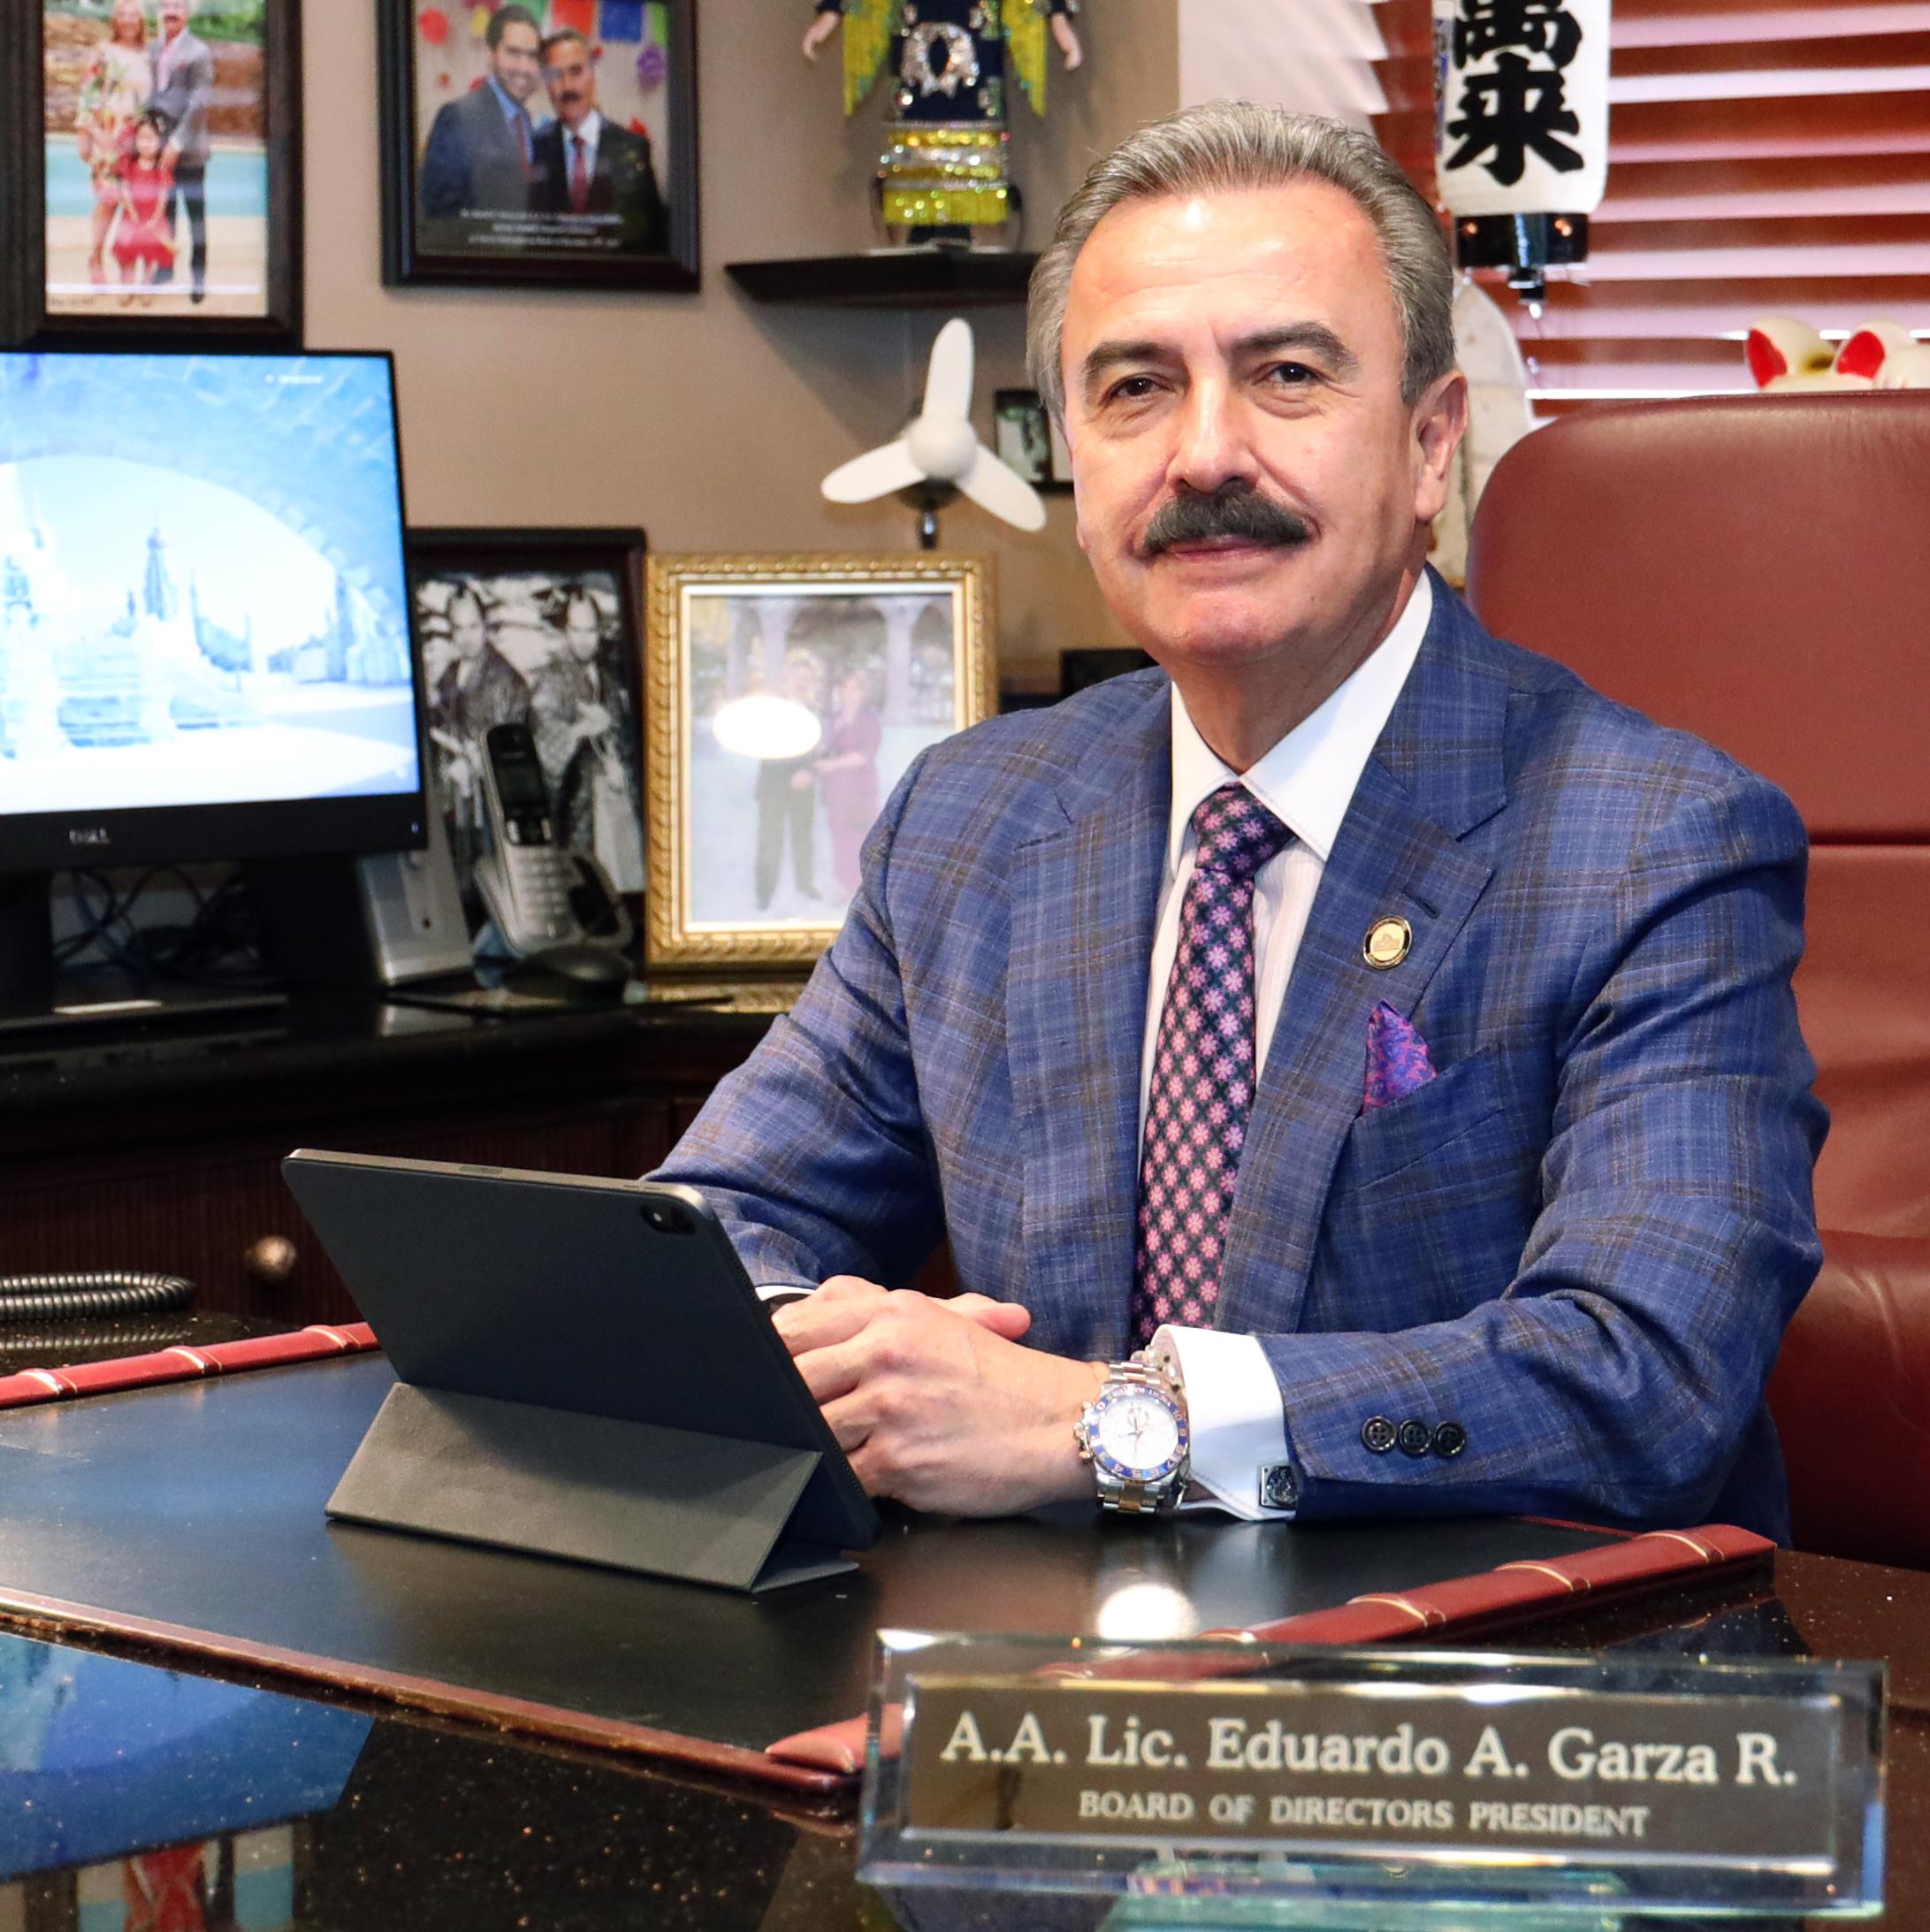 Eduardo A Garza R.